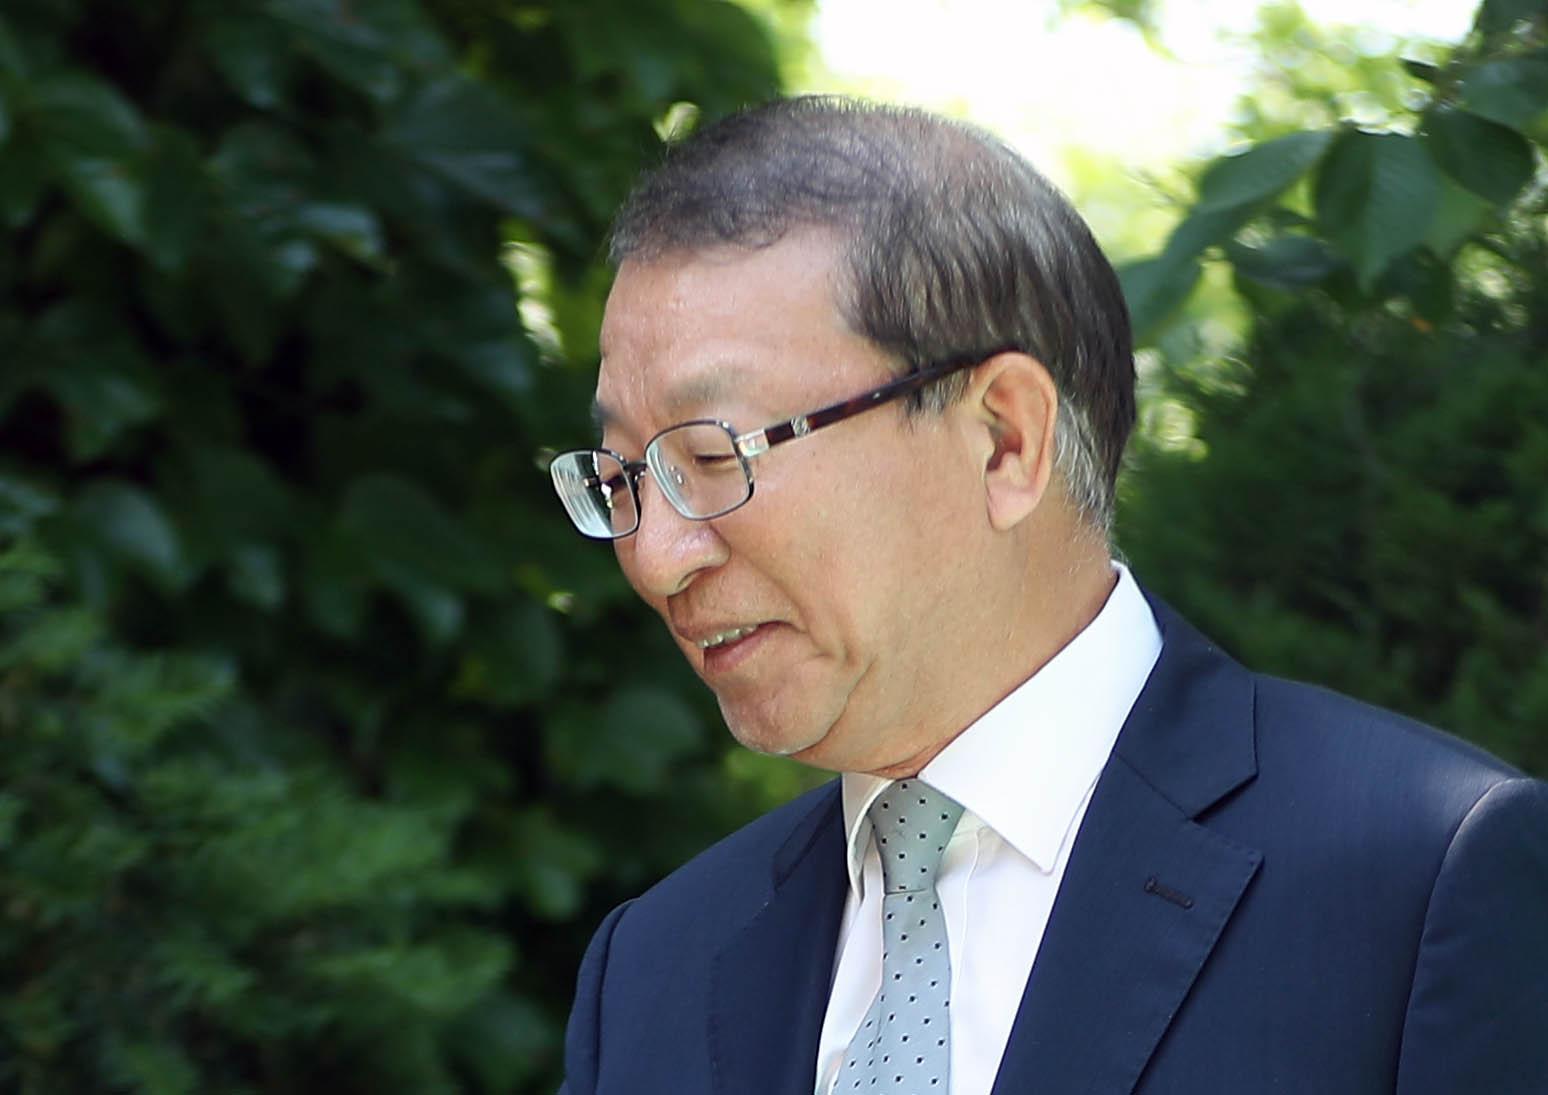 양 전 대법원장이 지난 6월 1일 오후 경기도 성남시 자택 인근에서 재임 시절 일어난 법원행정처의 '재판거래'파문과 관련해 입장을 밝히기 위해 취재진 앞으로 나서는 모습.[연합뉴스]